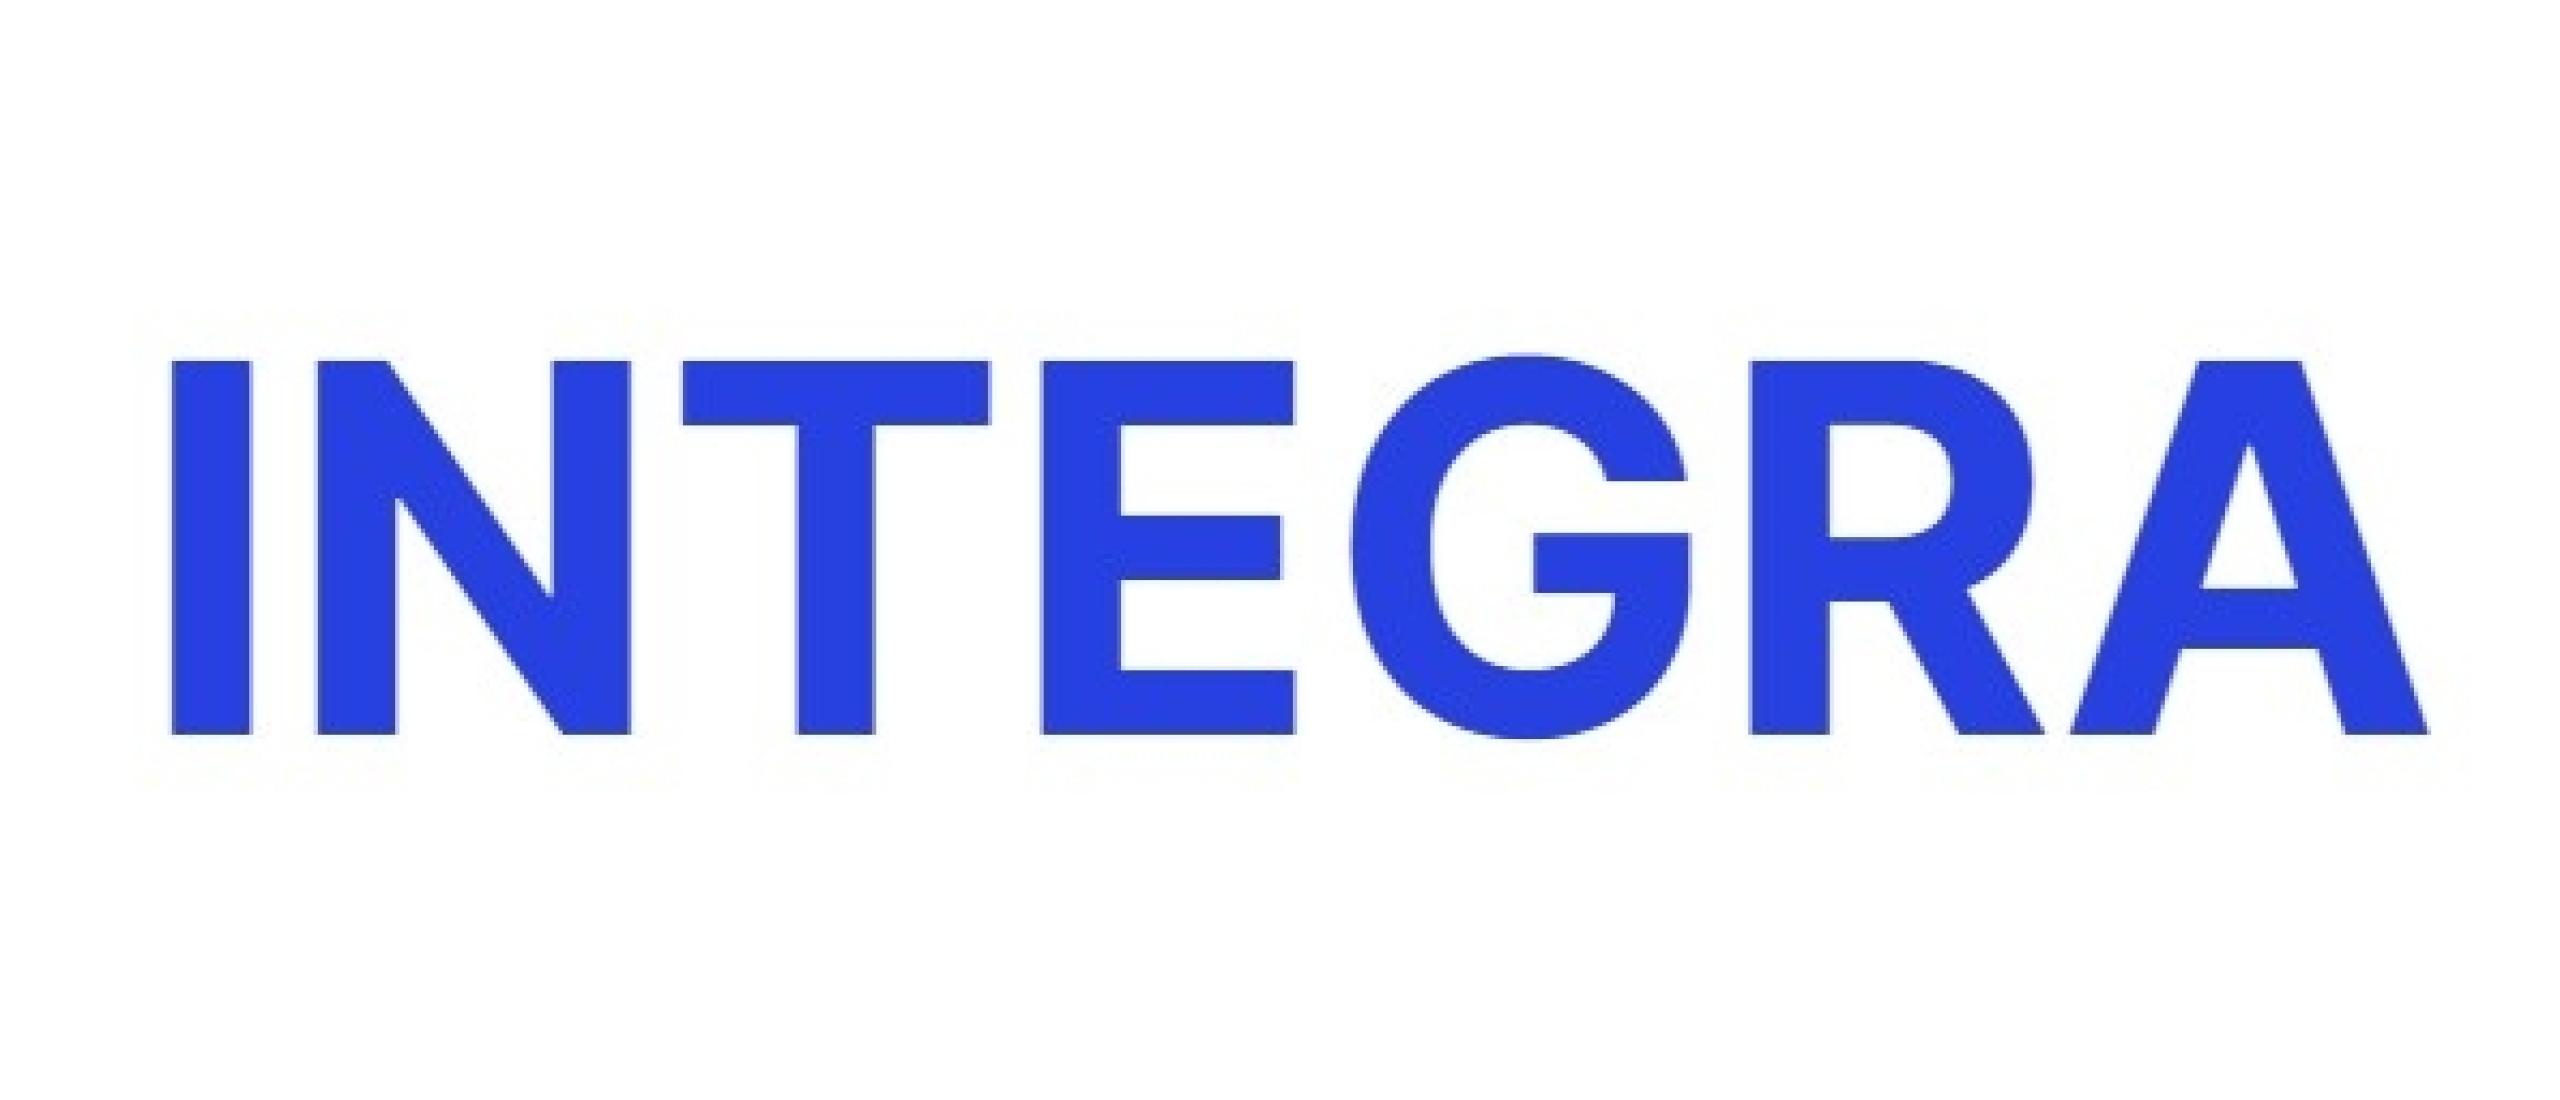 Dankzij INTEGRA vind ik sneller de oorzaak, waardoor er ook minder consulten nodig zijn.